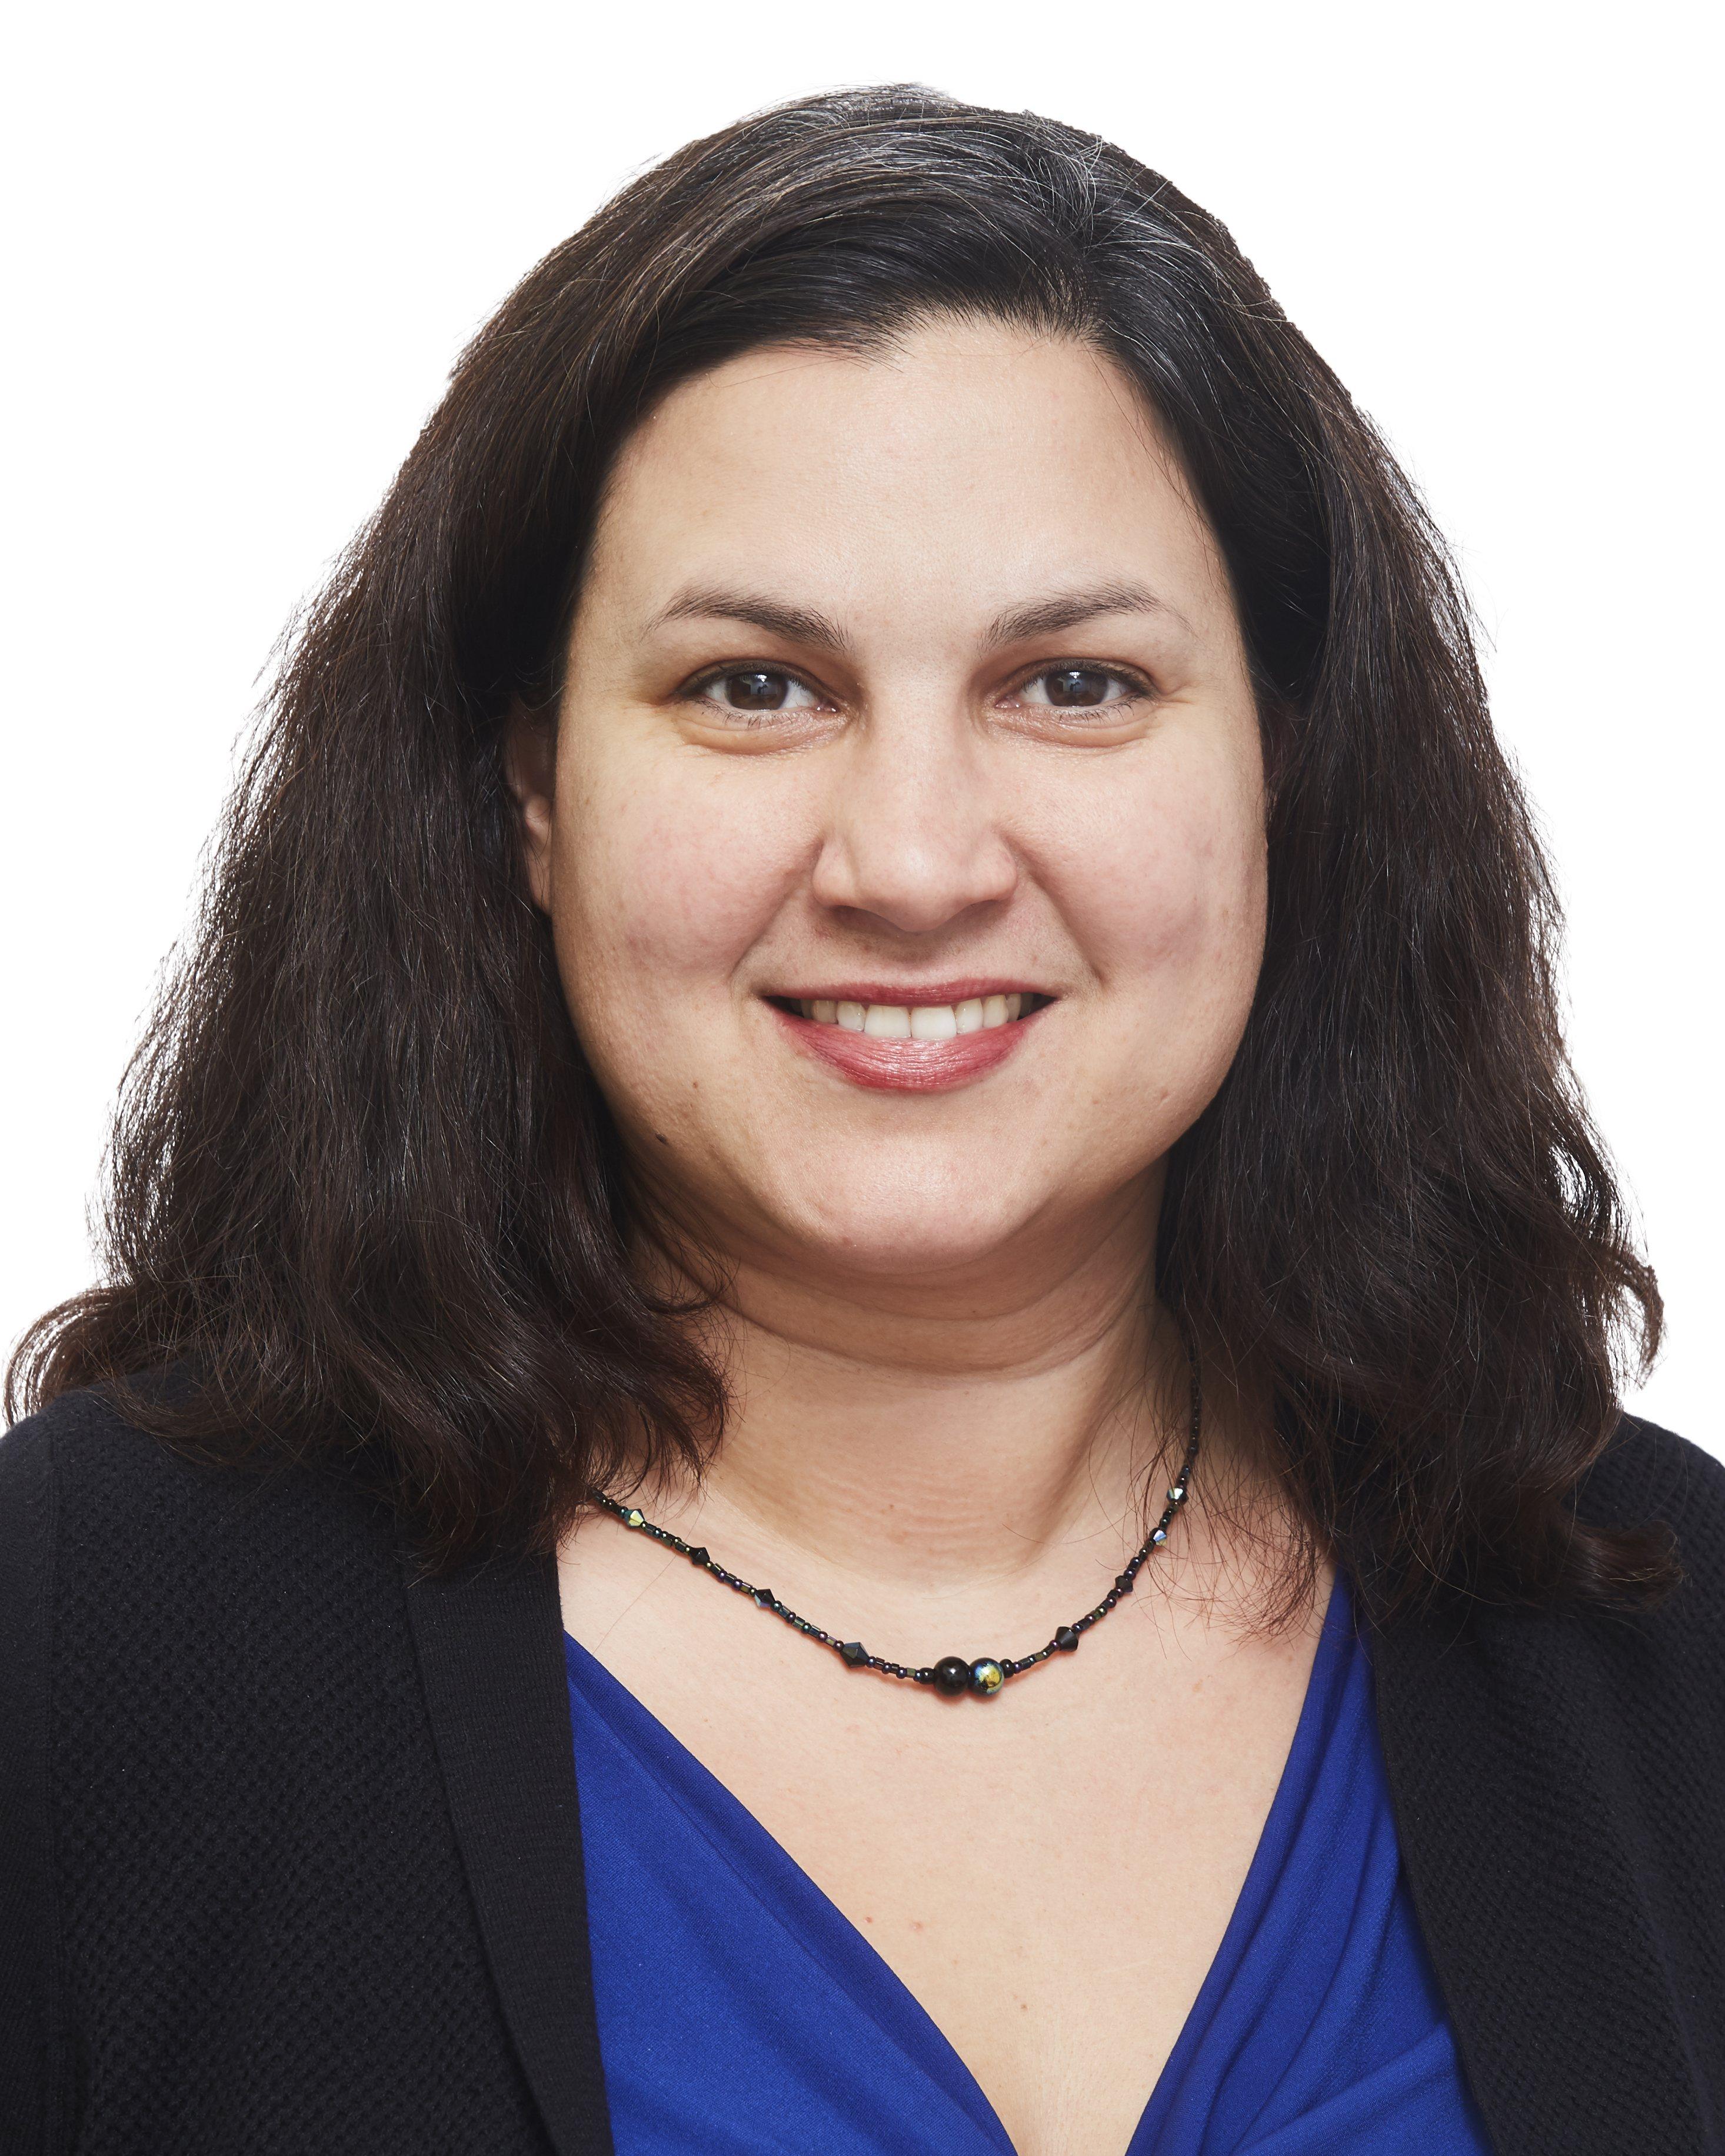 Chantal Newport